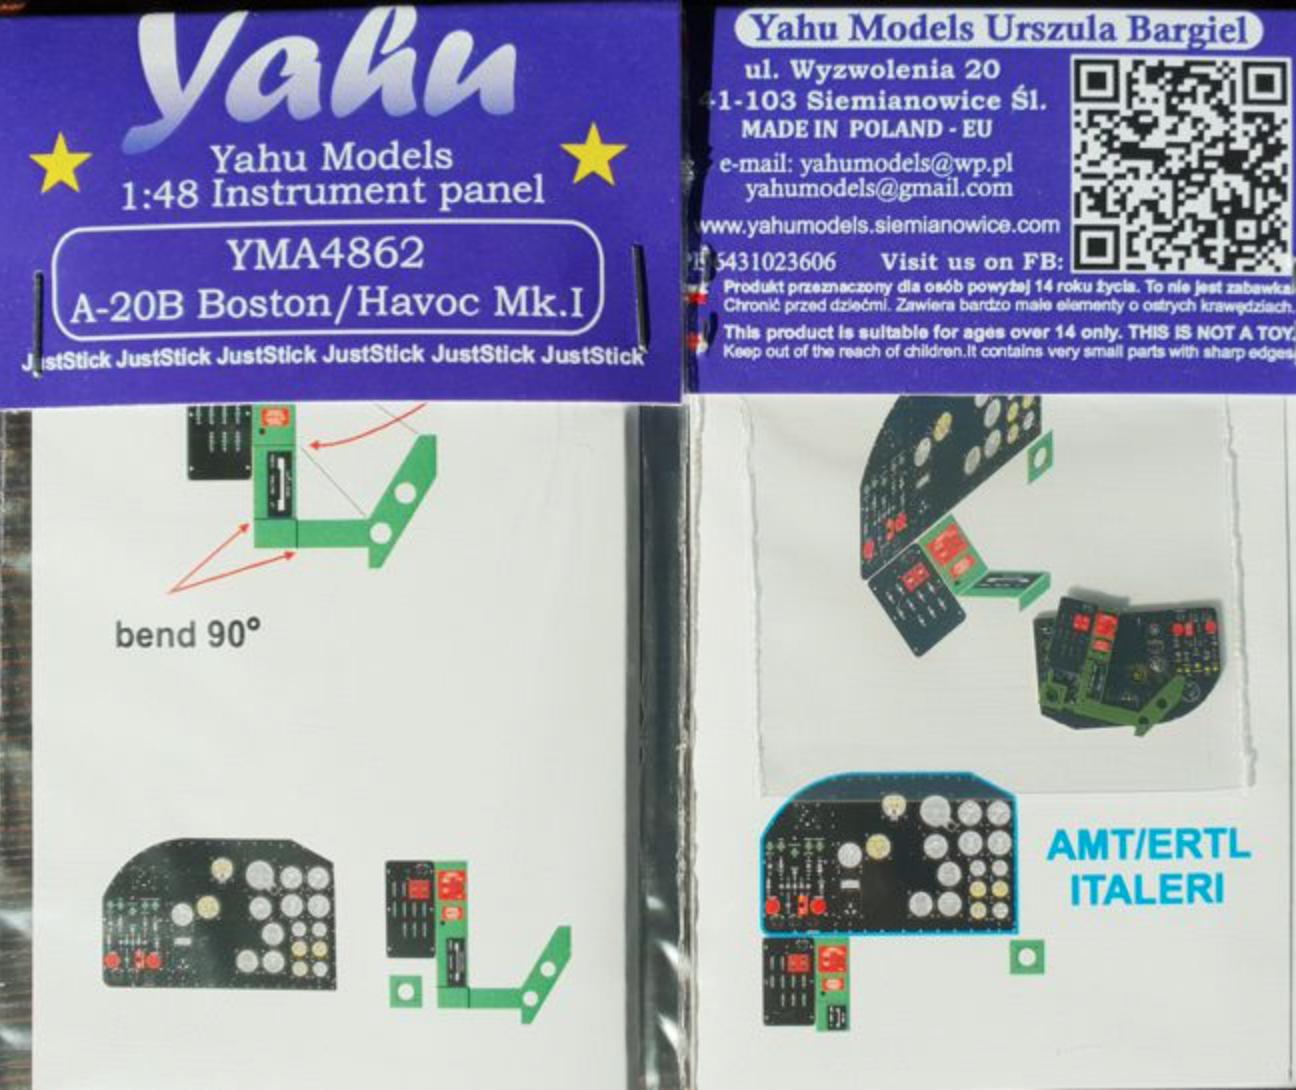 YMA4862